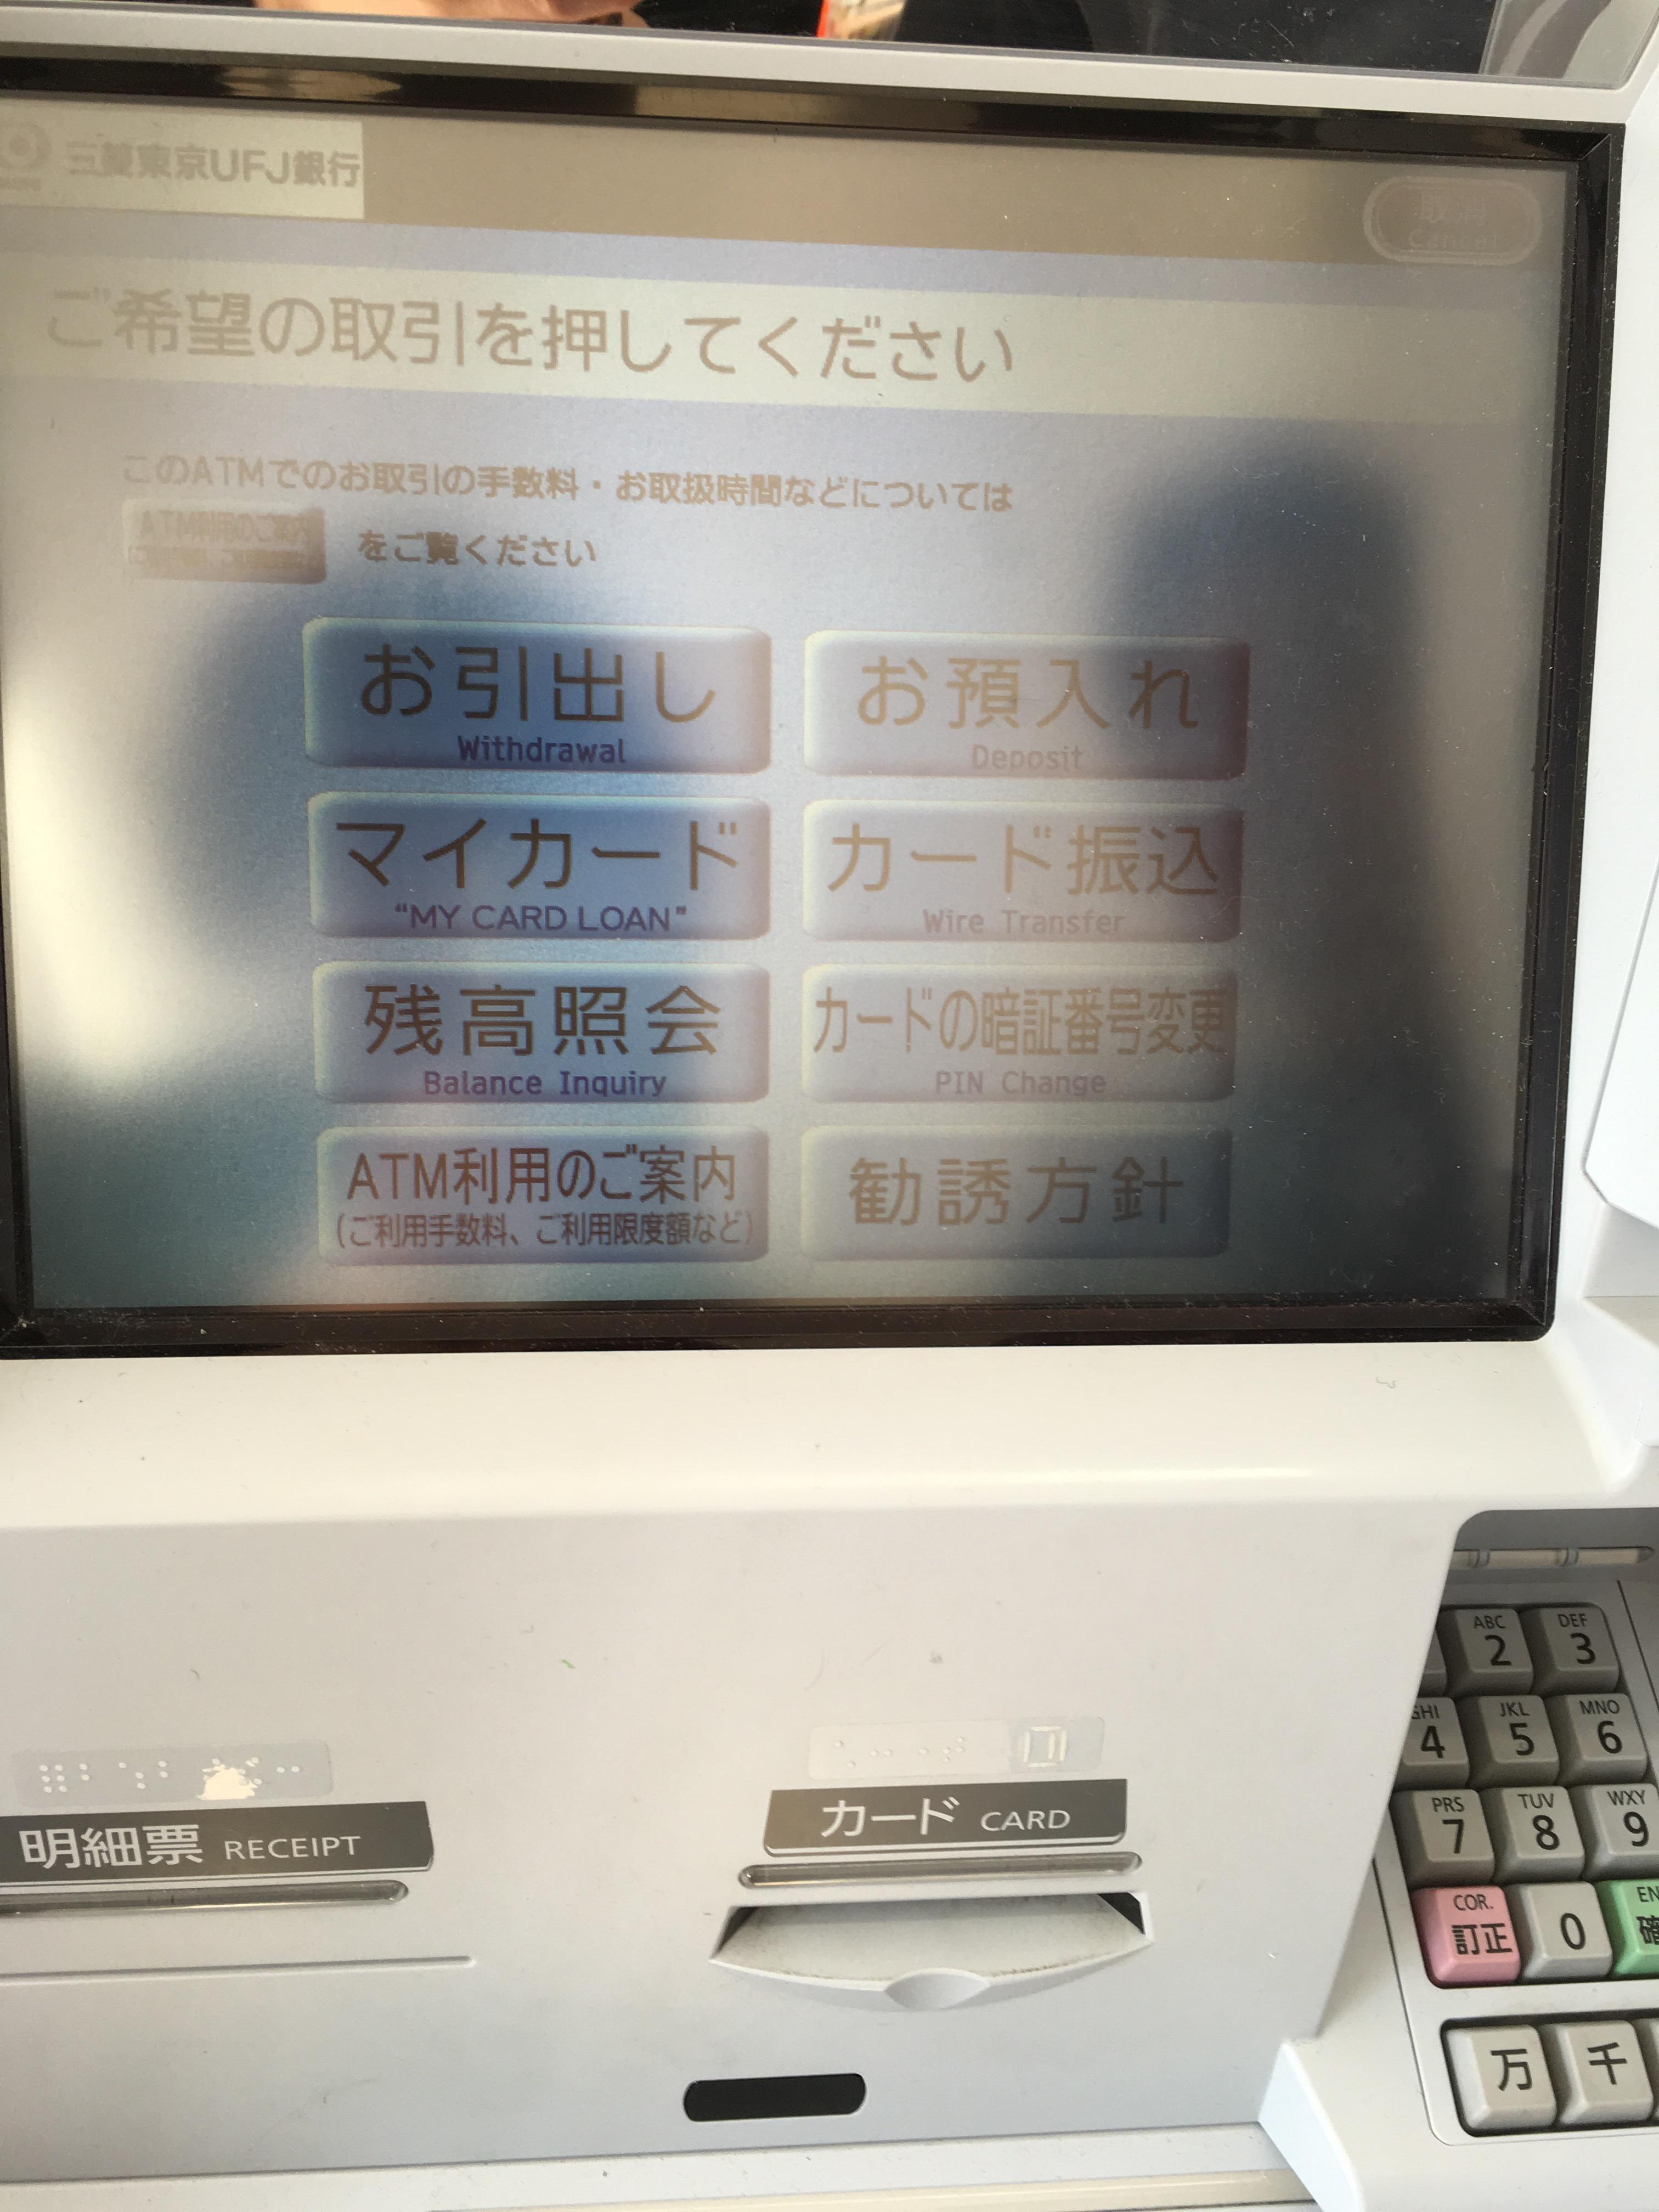 セブンイレブンATMなら三菱東京UFJ銀行の振込が出来ます!